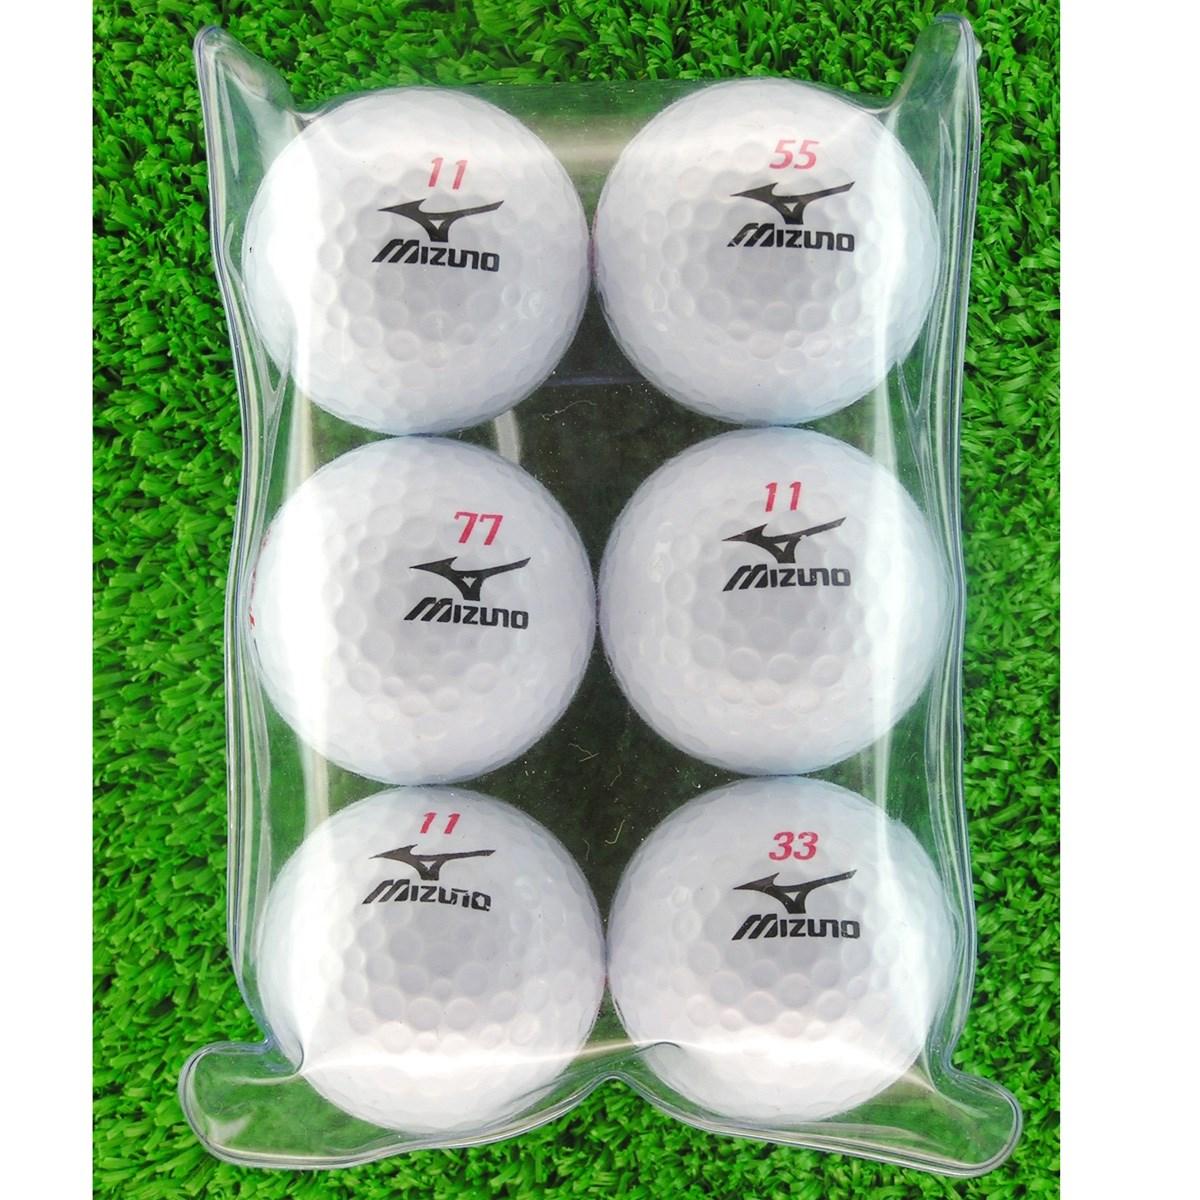 ロストボール メイホウゴルフ ロストボール ミズノ クロスエイト T-ZOID 6個入り4パック24個セット